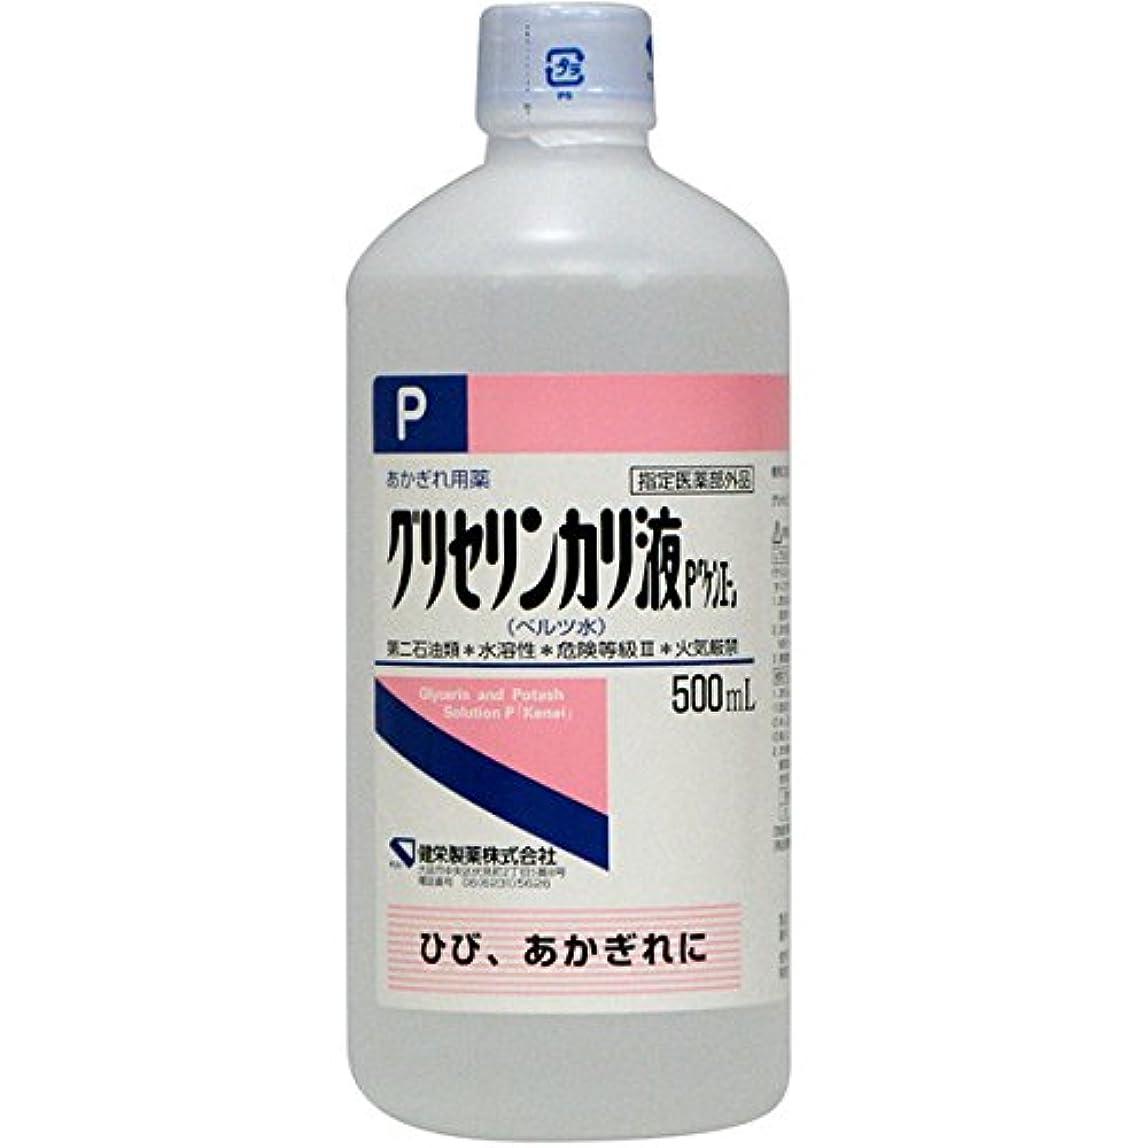 アヒルコントラスト写真を描く健栄製薬 グリセリンカリ液 ベルツ水 500ml